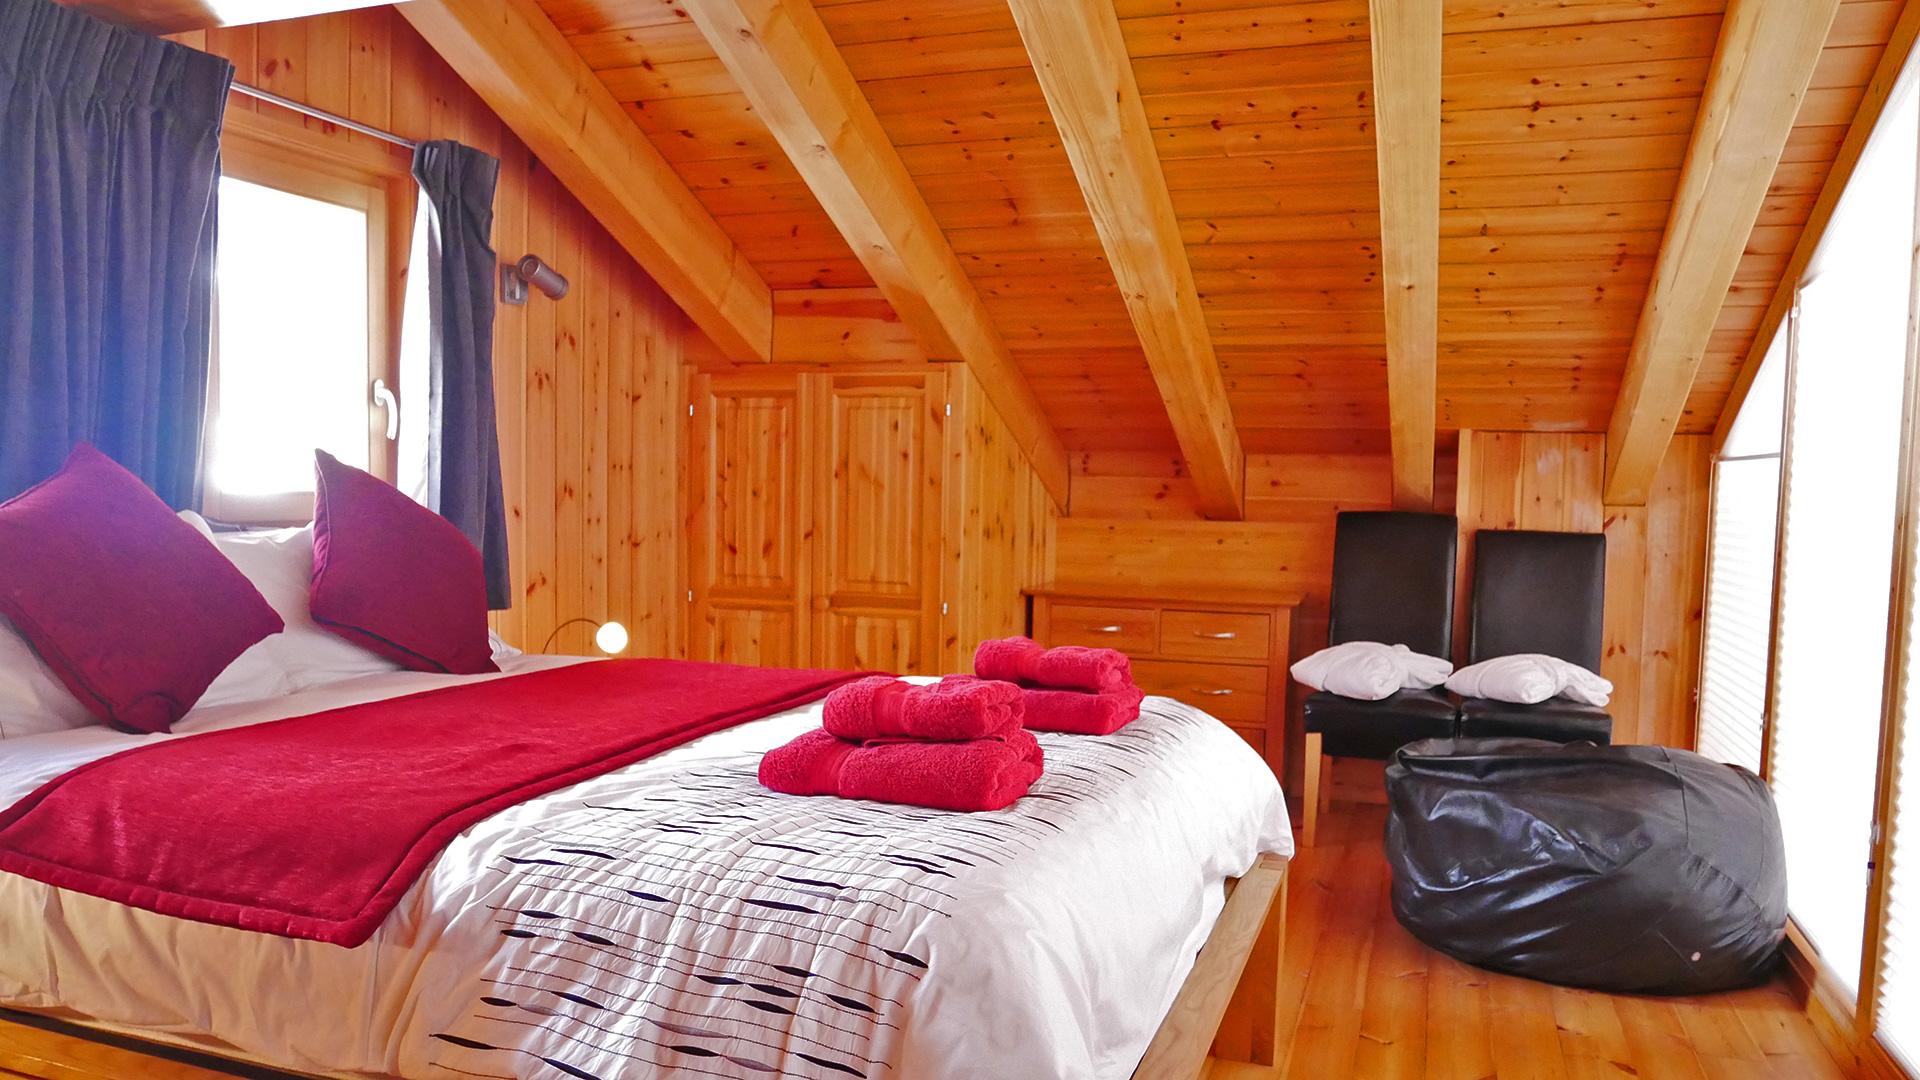 Chalet Millie Etoiles Chalet, Switzerland